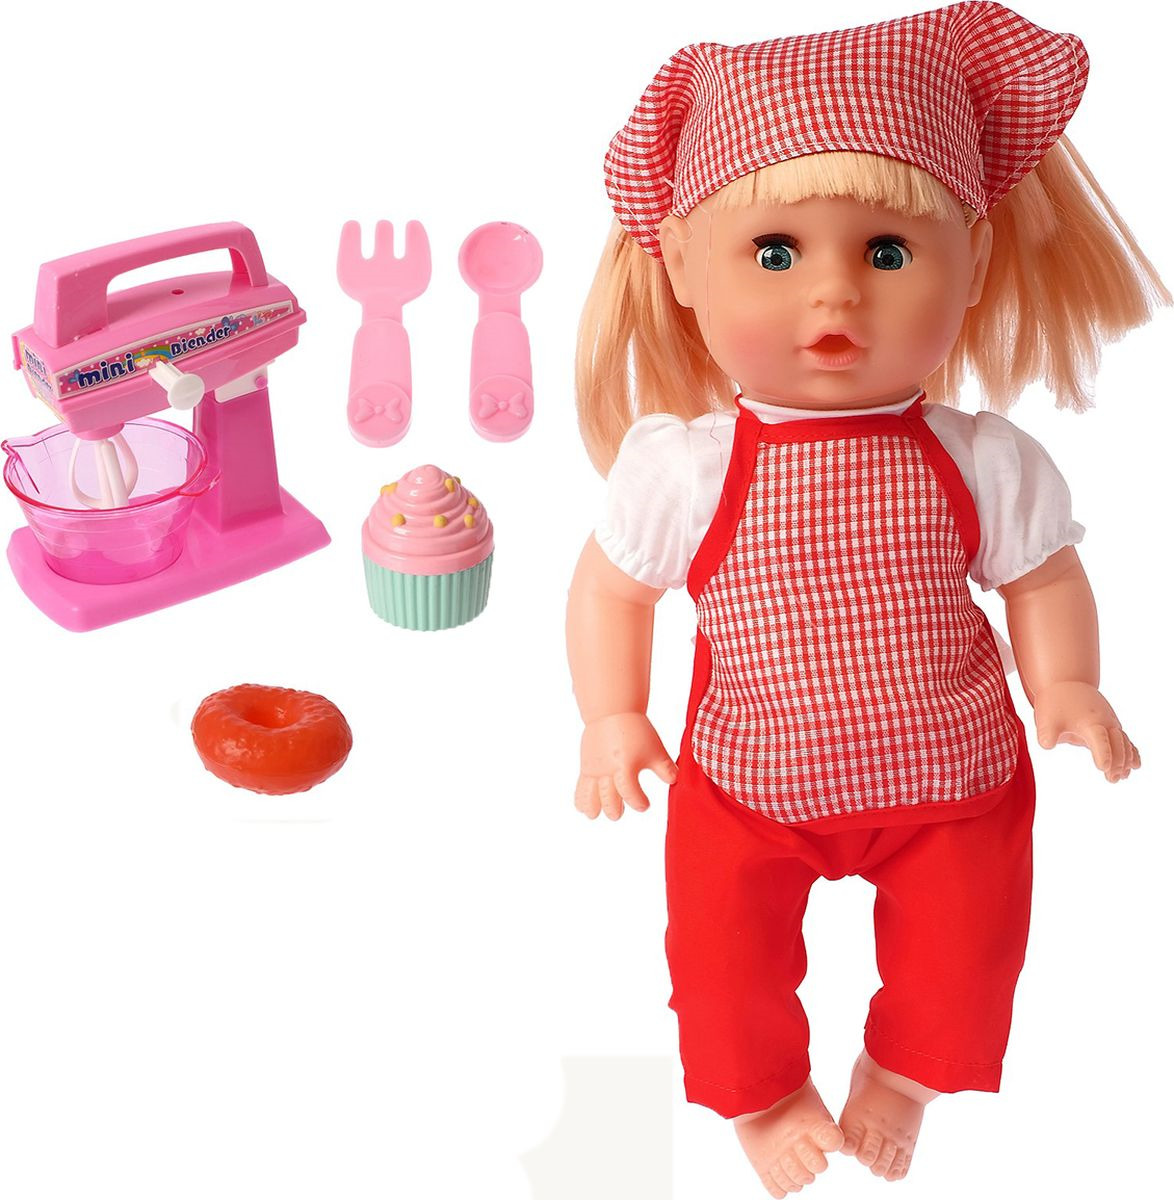 Пупс Кира, 26794492679449Удивительно реалистичная и красивая игрушка очень обрадует малыша. С такой симпатичной крохой можно весело проводить время целый день! Венчик блендера работает от нажатия на кнопку.